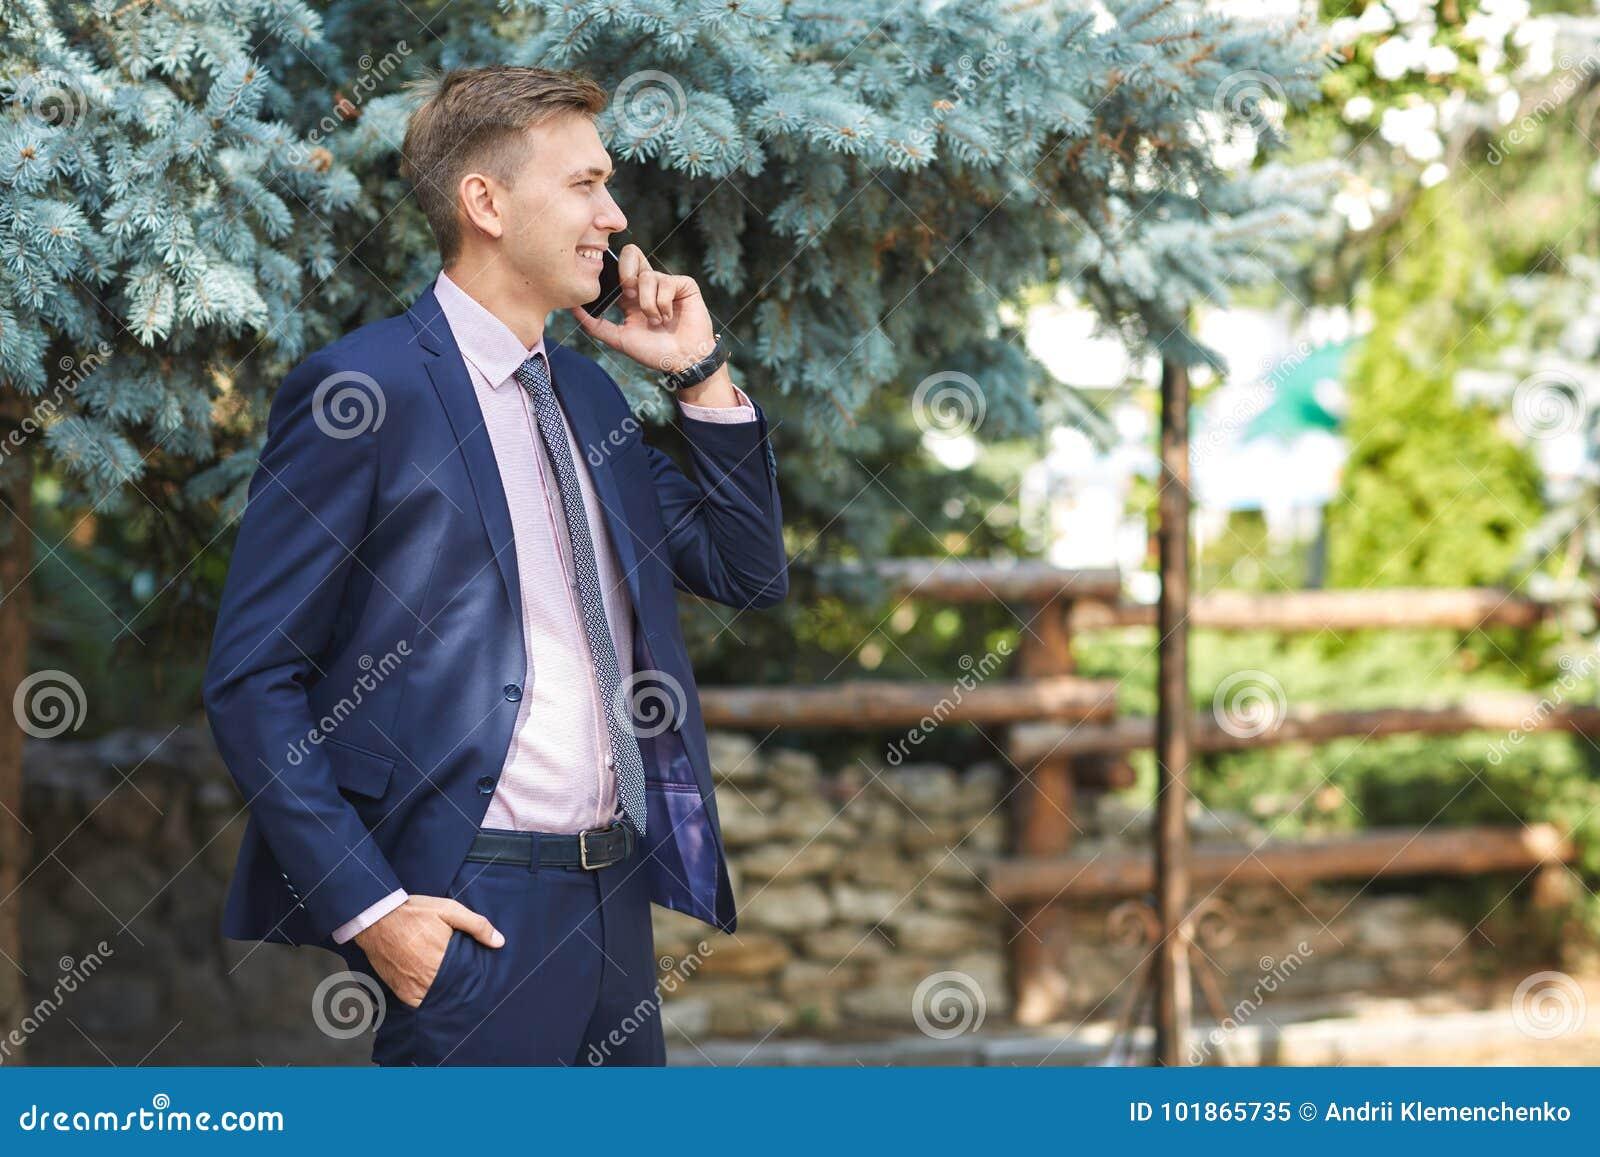 Ωραίος νεαρός άνδρας που εργάζεται στο πάρκο και που θέτει στη κάμερα χρυσή ιδιοκτησία βασικών πλήκτρων επιχειρησιακής έννοιας πο